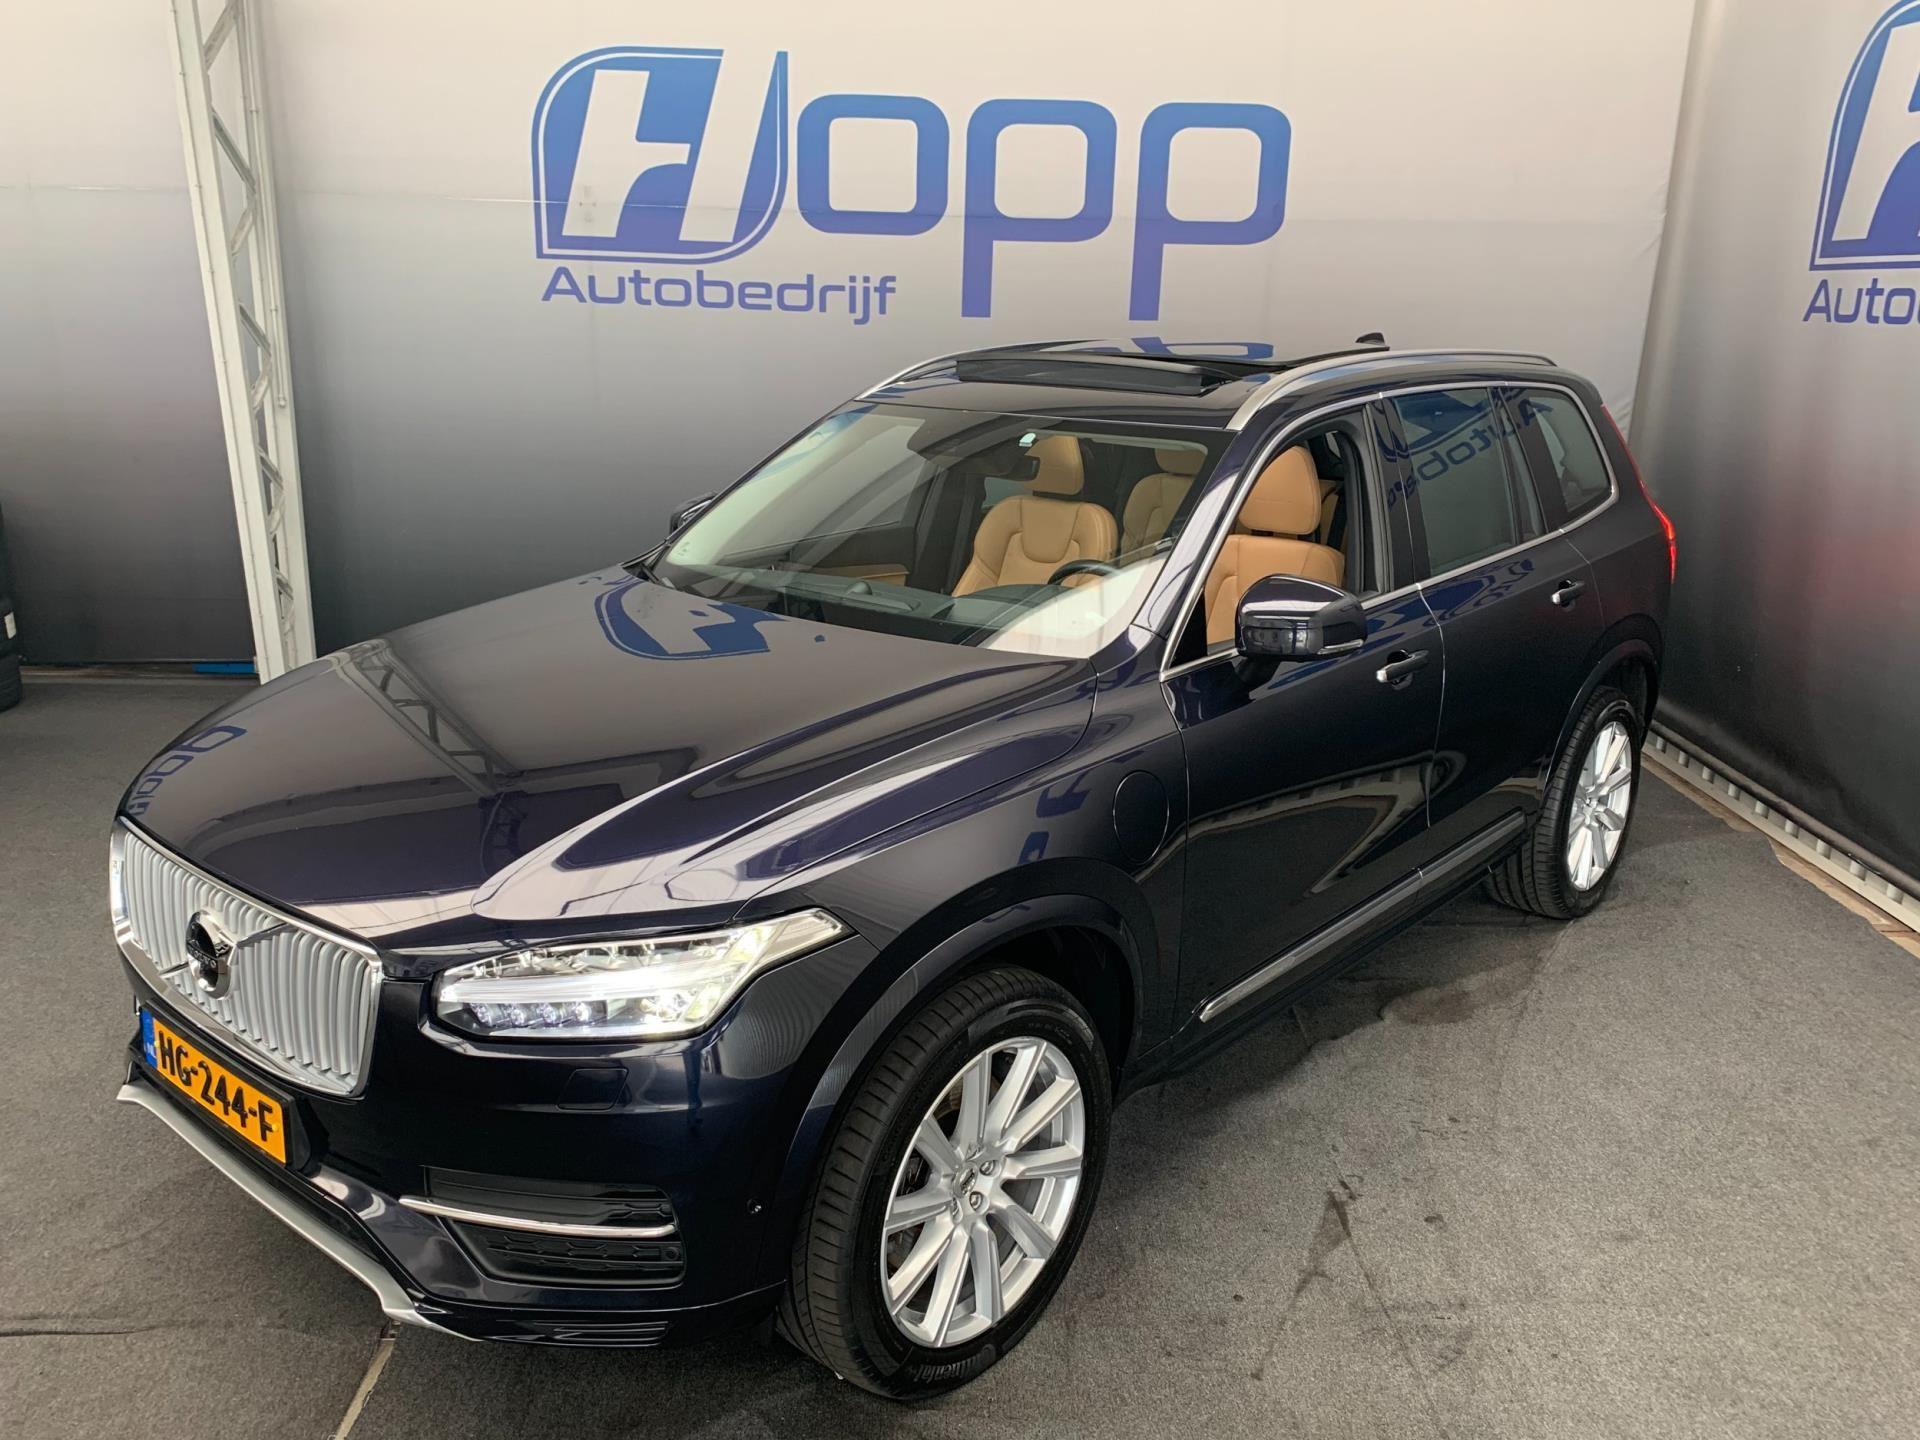 Volvo XC90 occasion - Autobedrijf HOPP